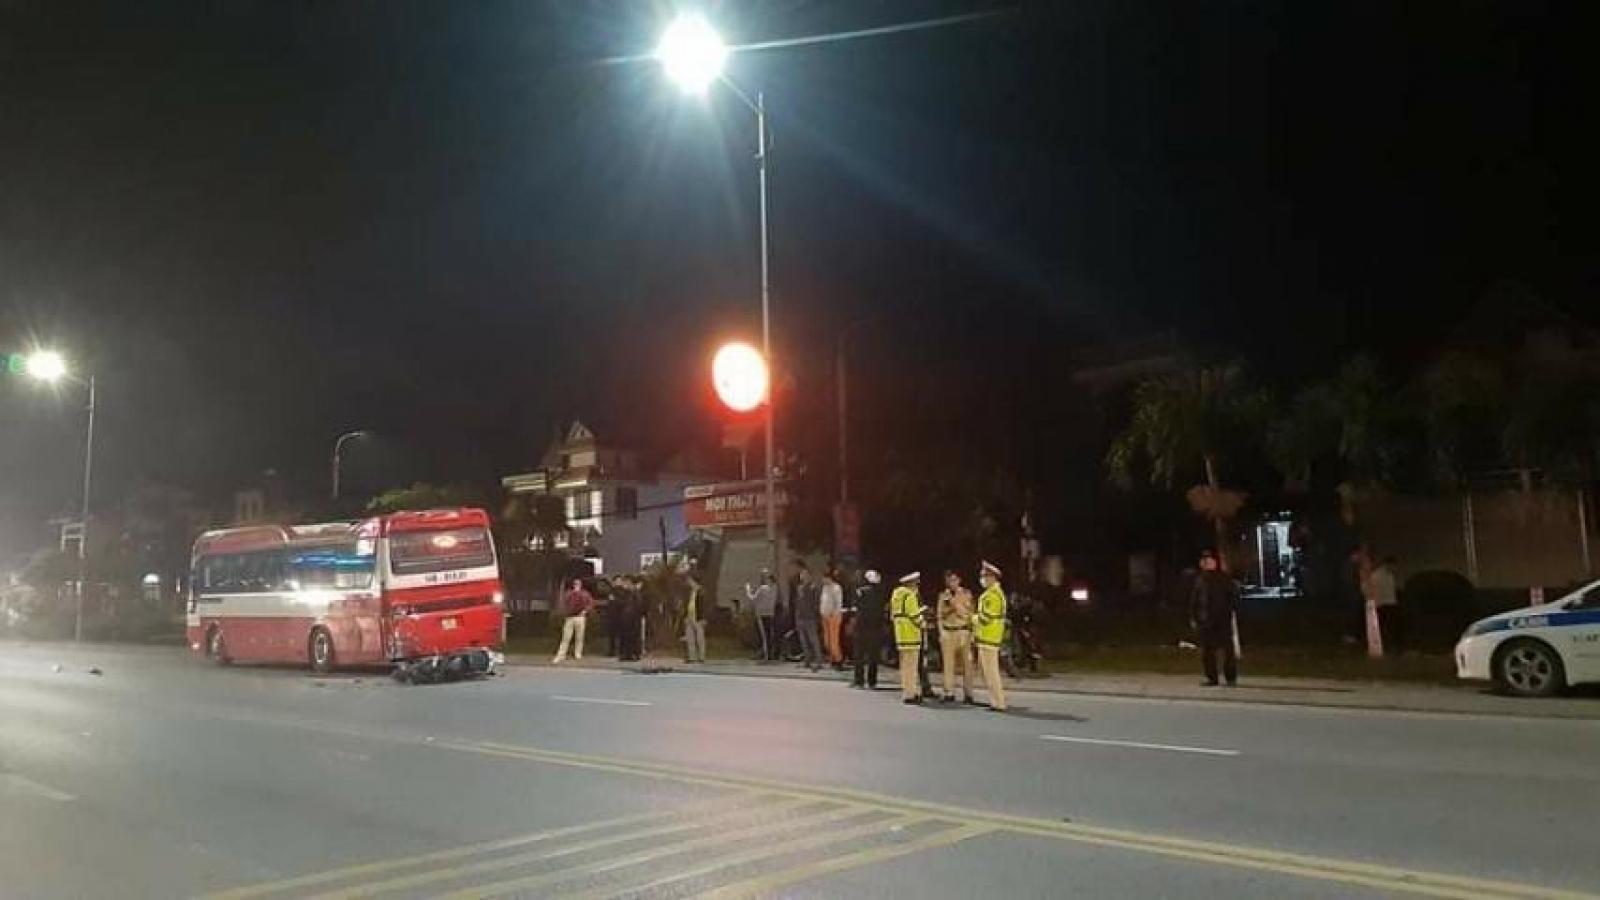 Tai nạn giao thông tại Quảng Ninh khiến1 người tử vong